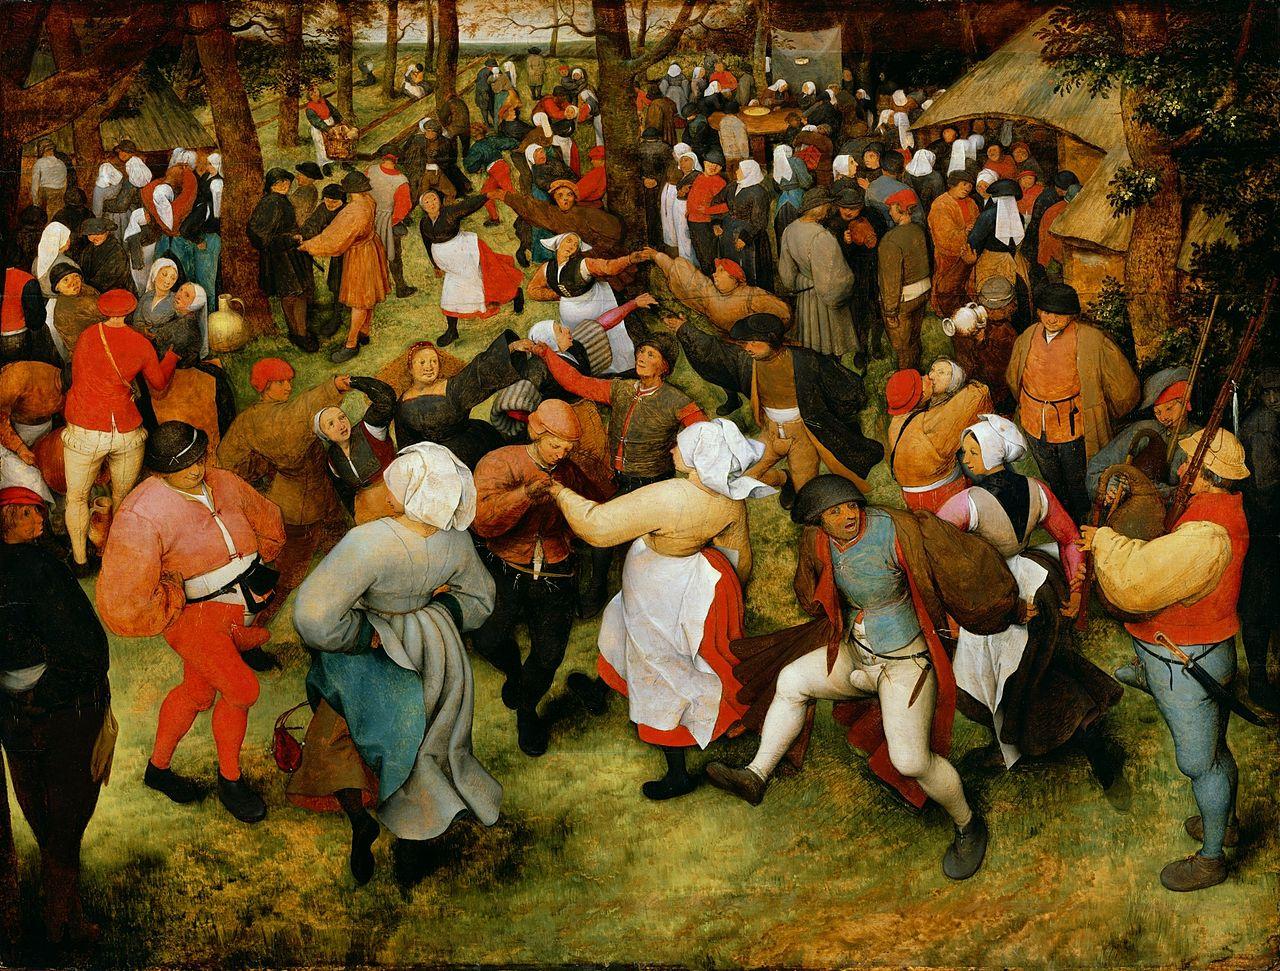 Свадебный танец около 1566, Питер Брейгель старший [мужицкий](1526/1530–1569);